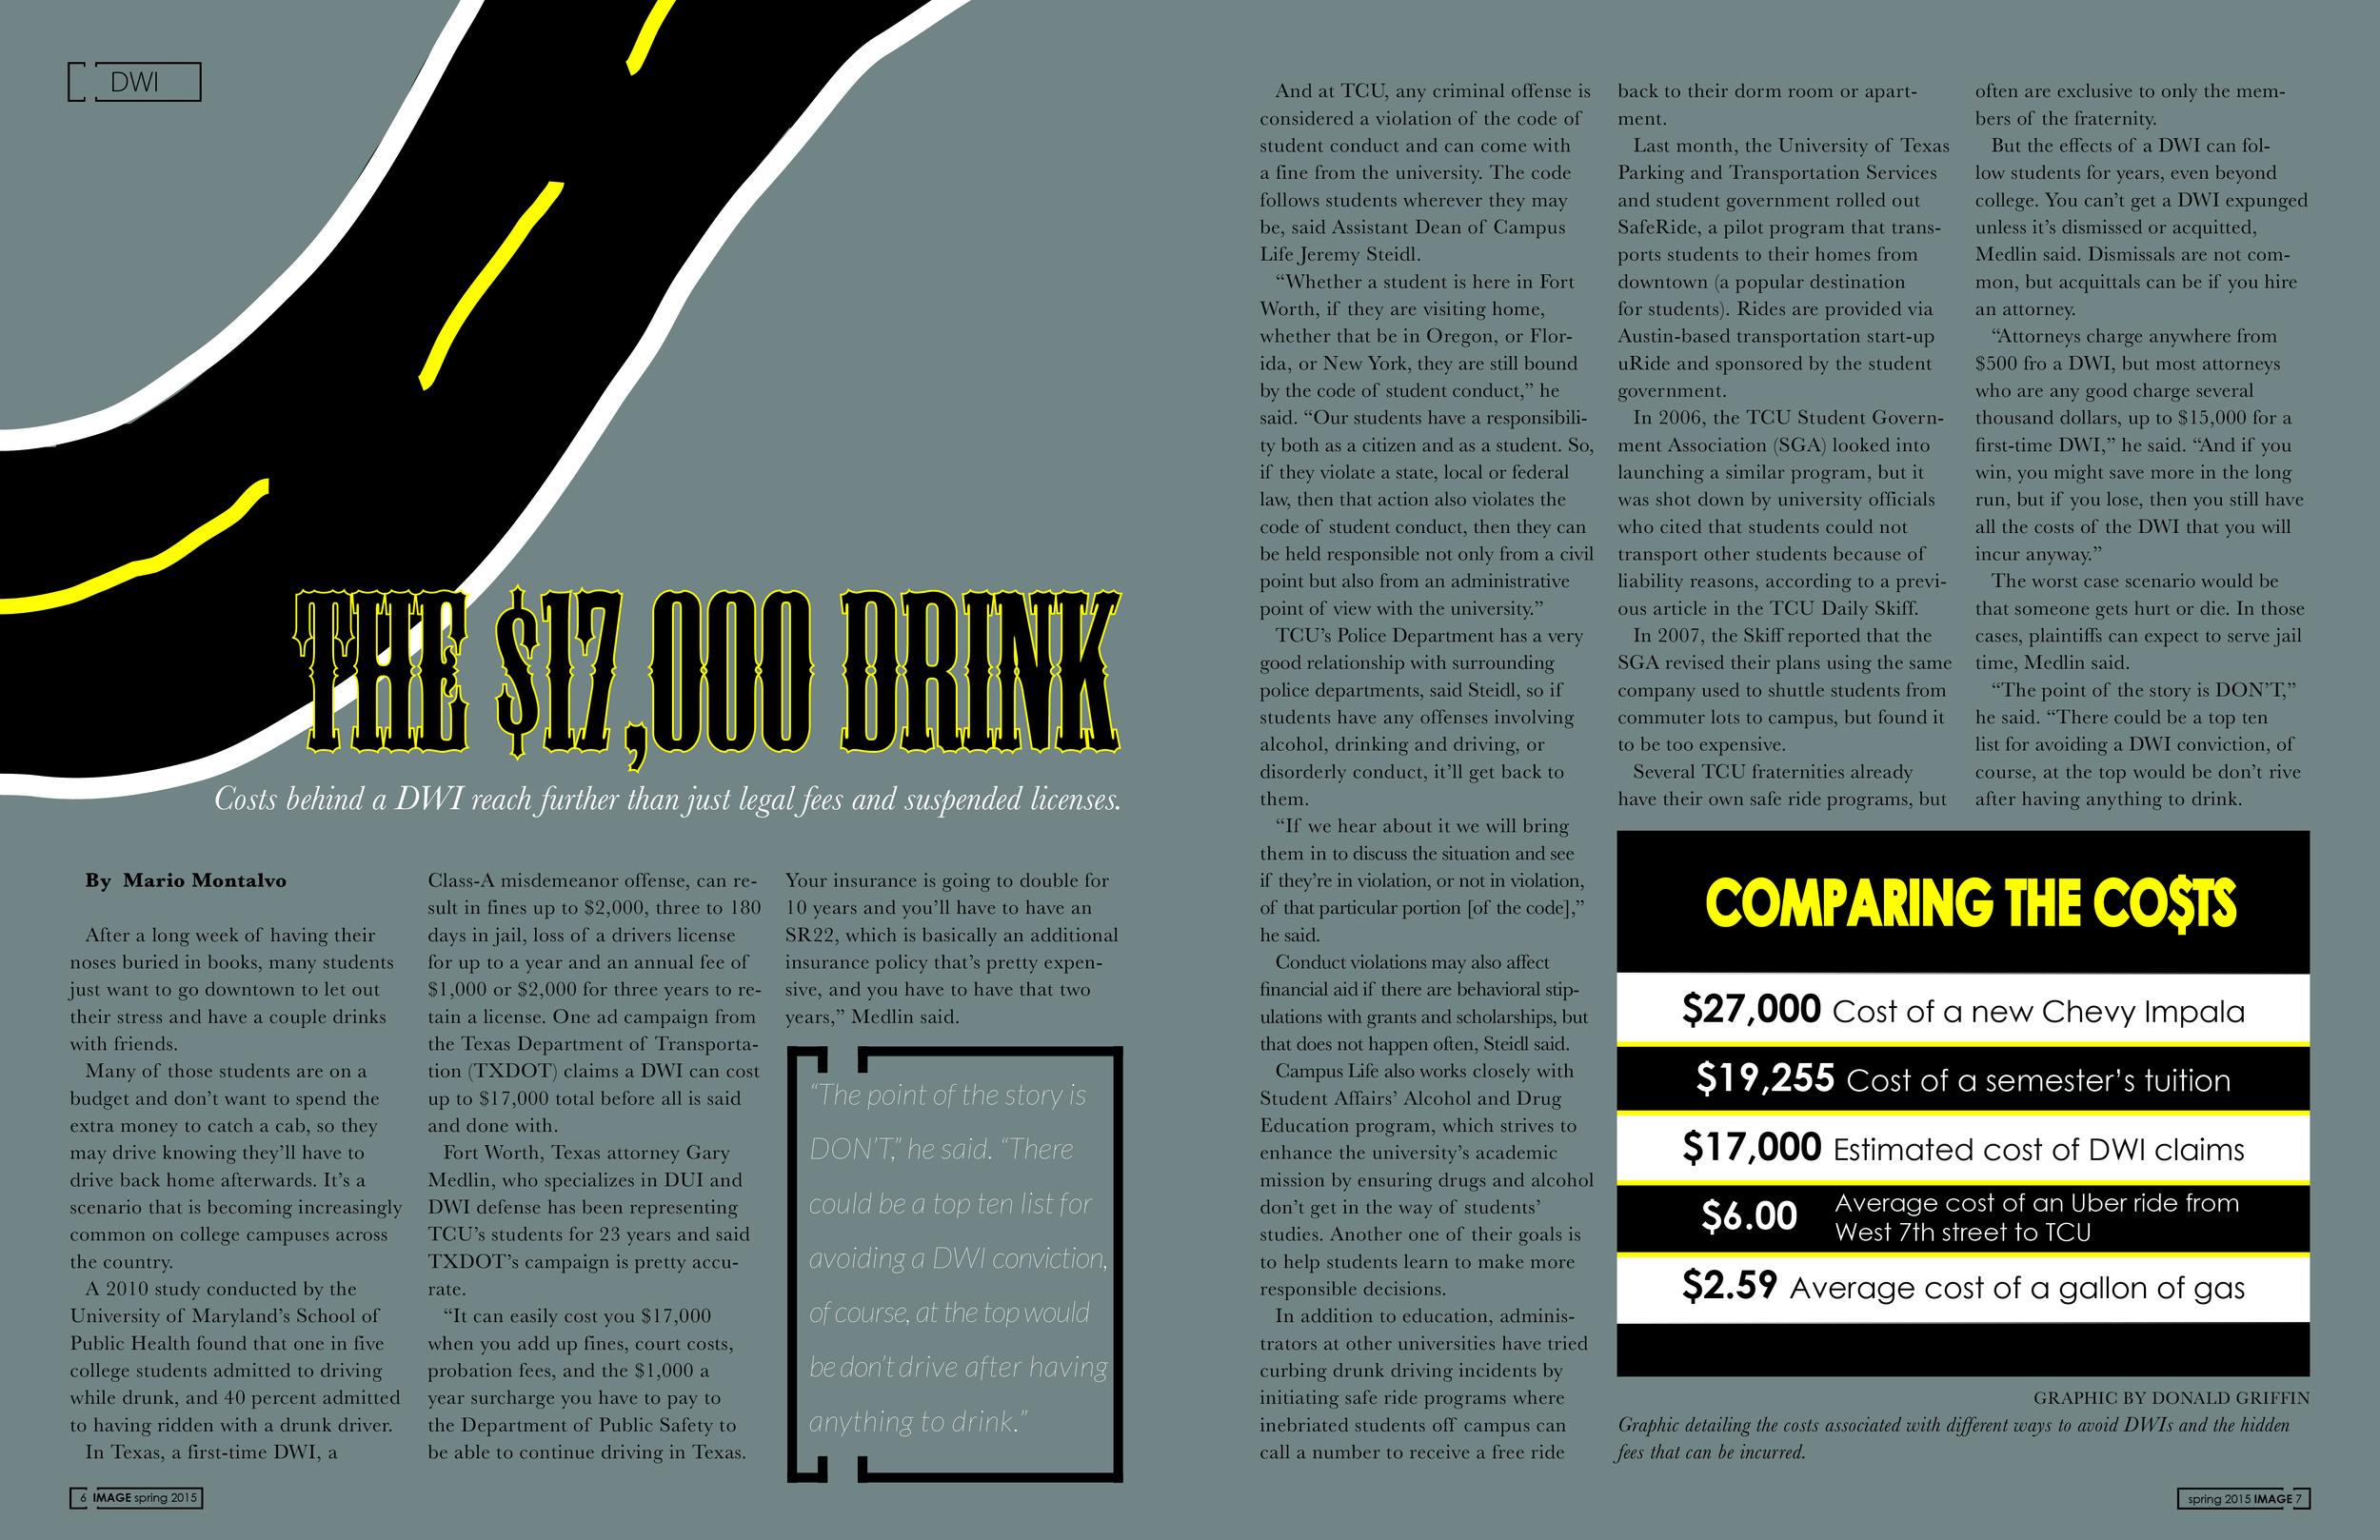 Page 6-7 (DWI).jpg